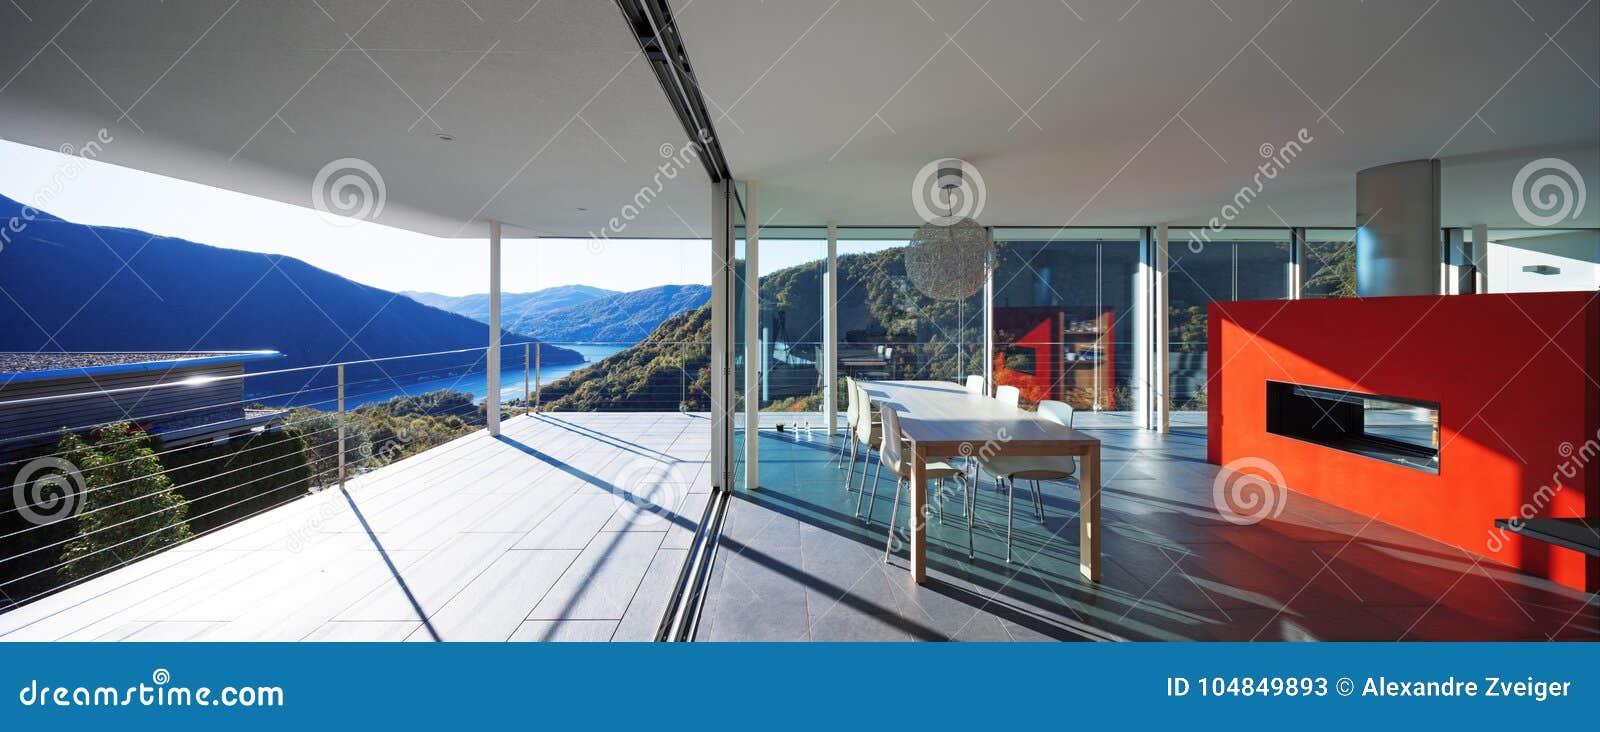 Modernt hus, sikt från balkong